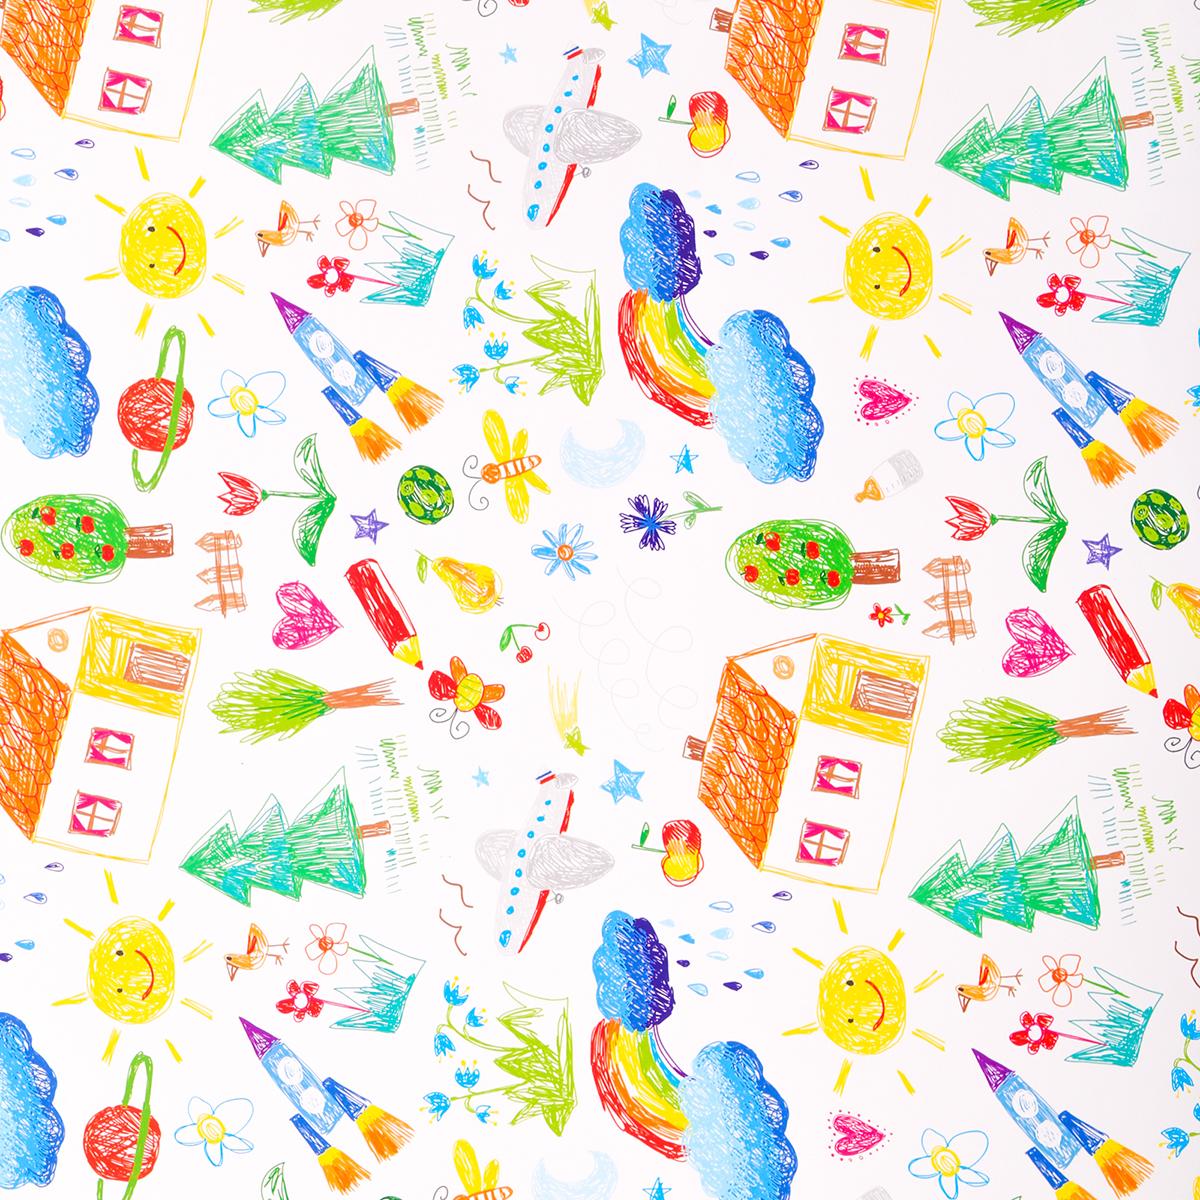 Бумага упаковочная Дарите счастье Детские рисунки, глянцевая, 70 х 100 см. 27714722771472Невозможно представить нашу жизнь без праздников! Мы всегда ждём их и предвкушаем, обдумываем, как проведём памятный день, тщательно выбираем подарки и аксессуары, ведь именно они создают и поддерживают торжественный настрой. — это отличный выбор, который привнесёт атмосферу праздника в ваш дом! Любой подарок начинается с упаковки. Что может быть трогательнее и волшебнее, чем ритуал разворачивания полученного презента. И именно оригинальная, со вкусом выбранная упаковка выделит ваш подарок из массы других. Она продемонстрирует самые тёплые чувства к виновнику торжества и создаст сказочную атмосферу праздника. — это то, что вы искали.